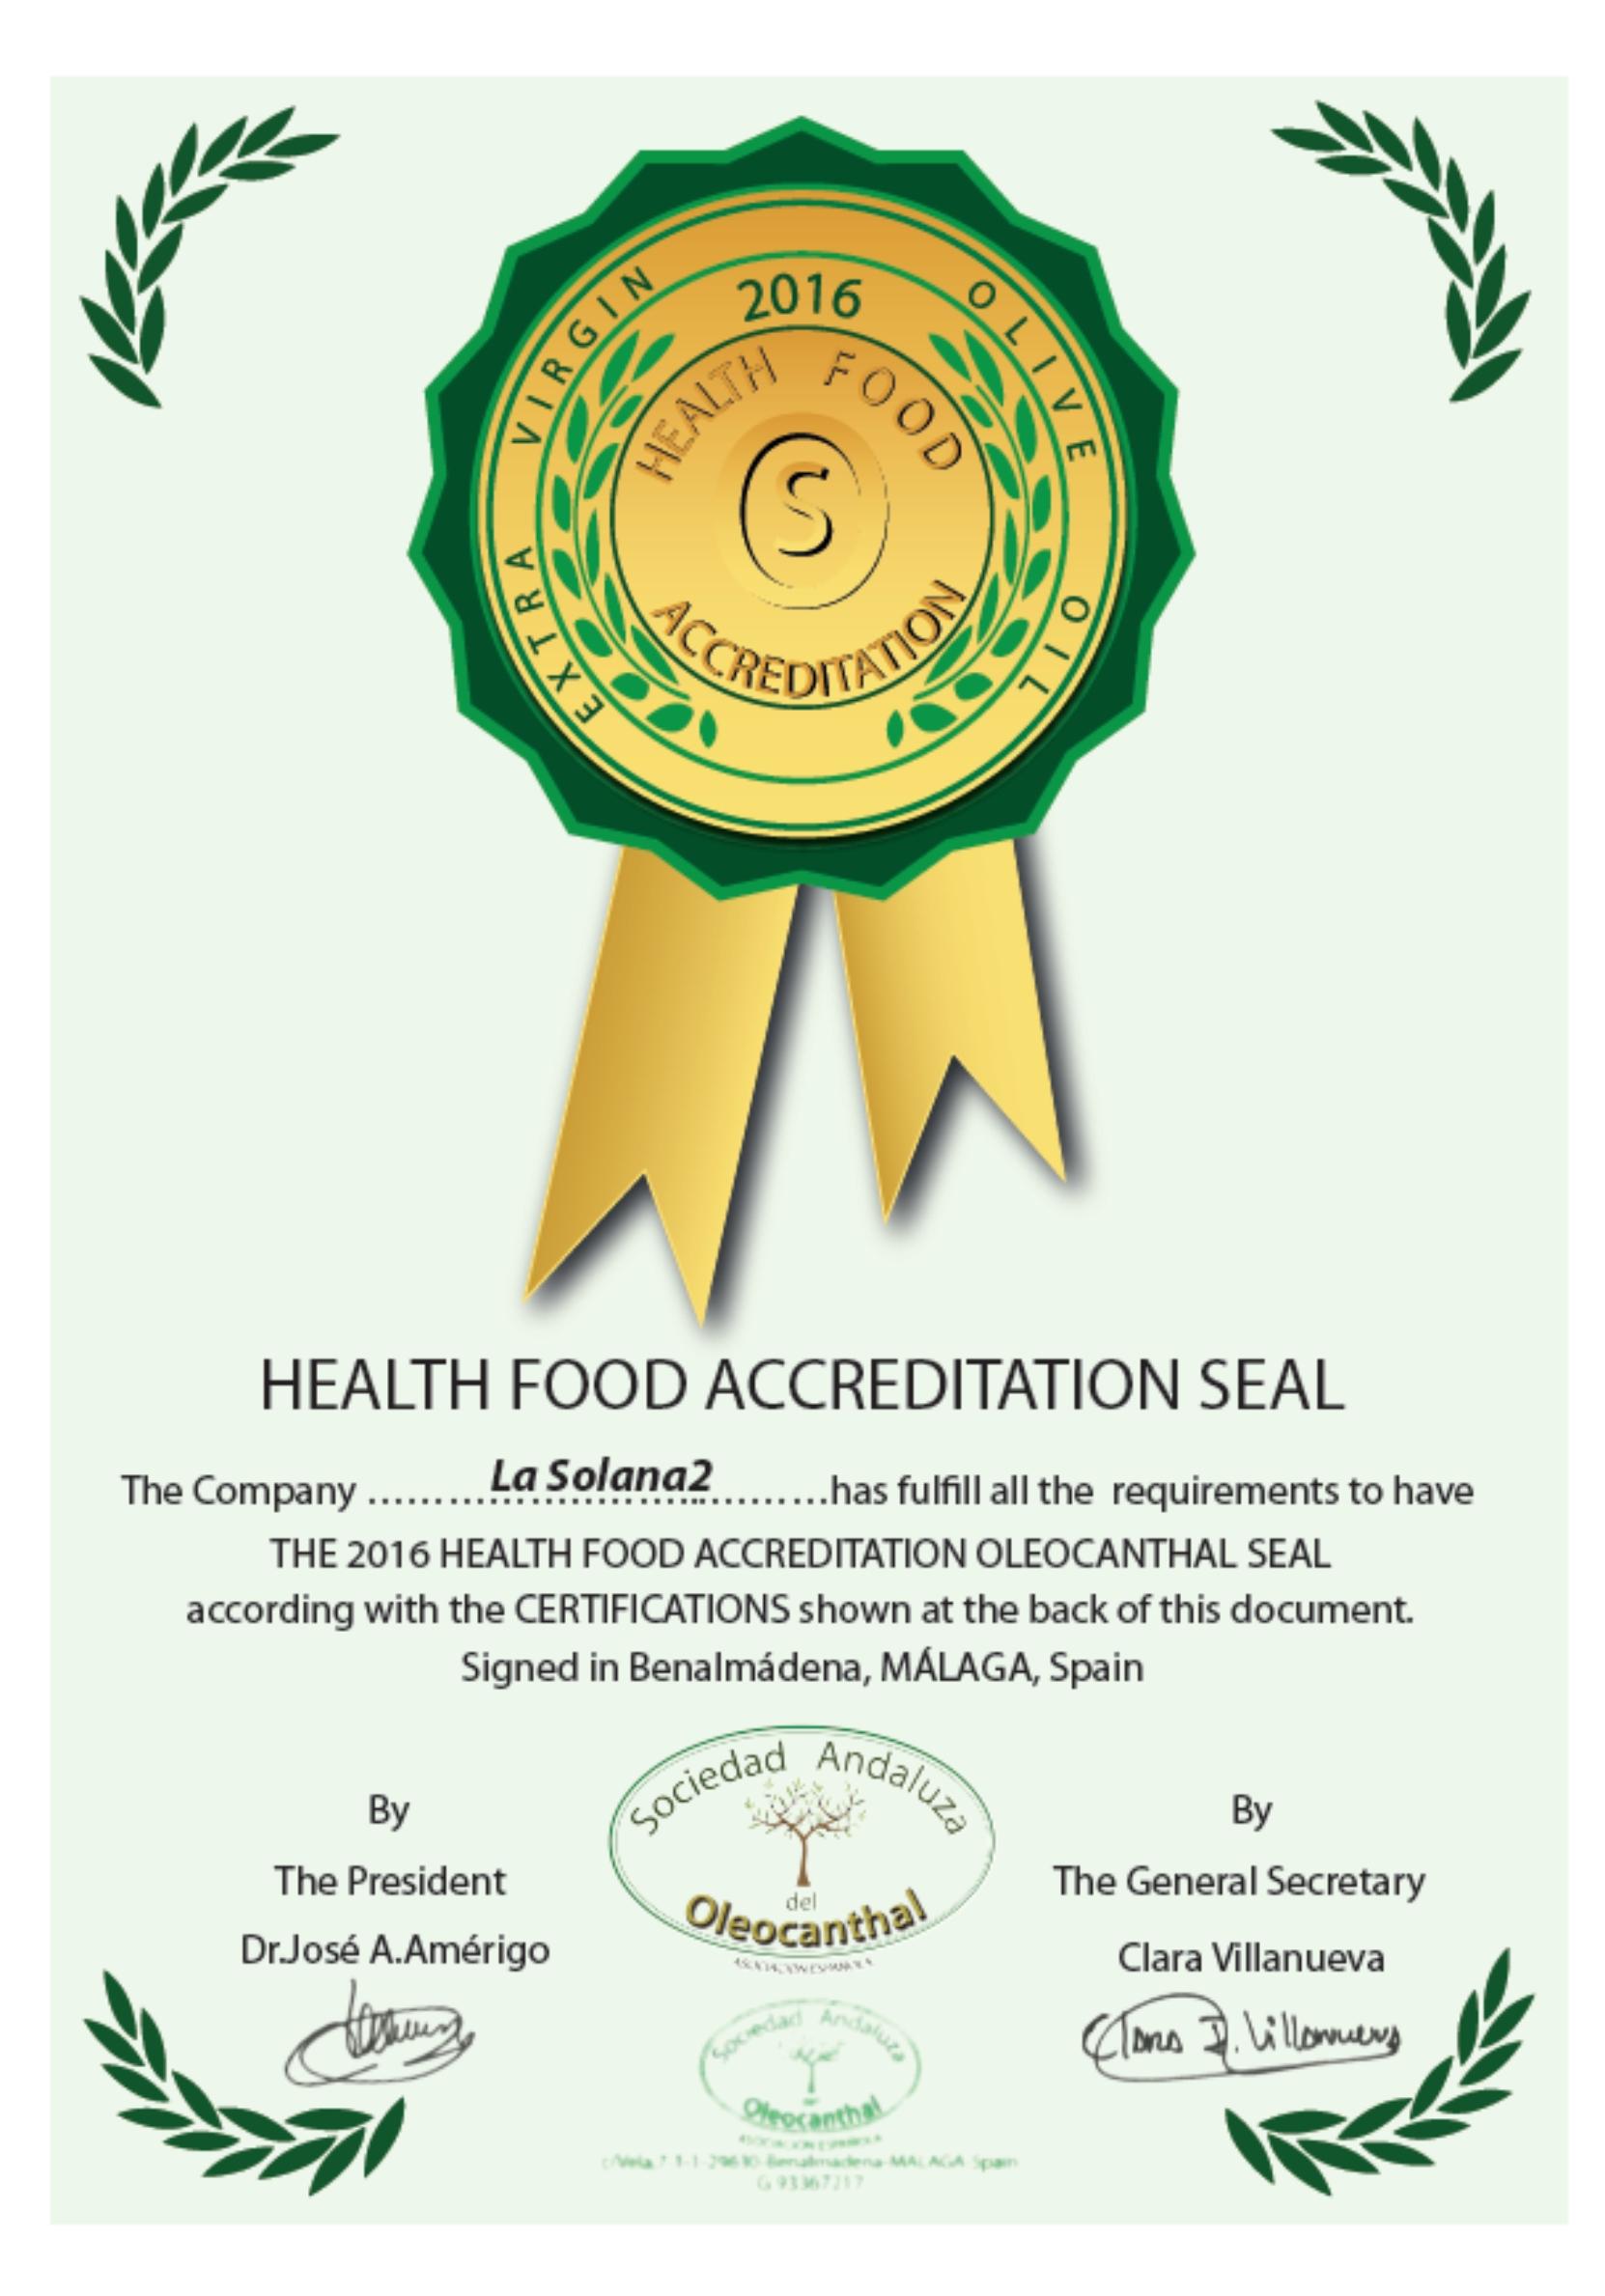 сертифика пользы Lasolana